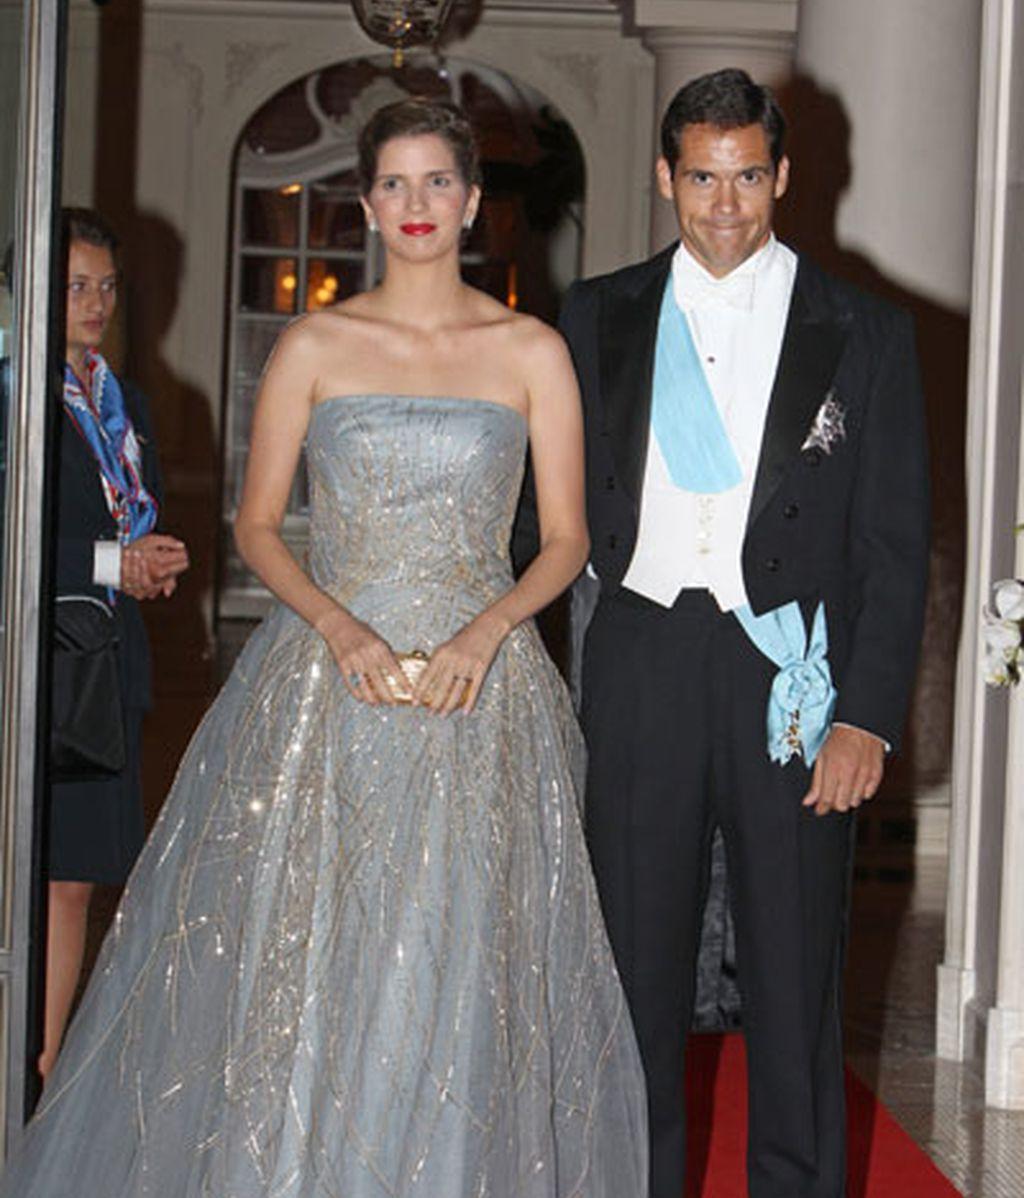 Luis Alfonso de Borbón y Margarita Vargas